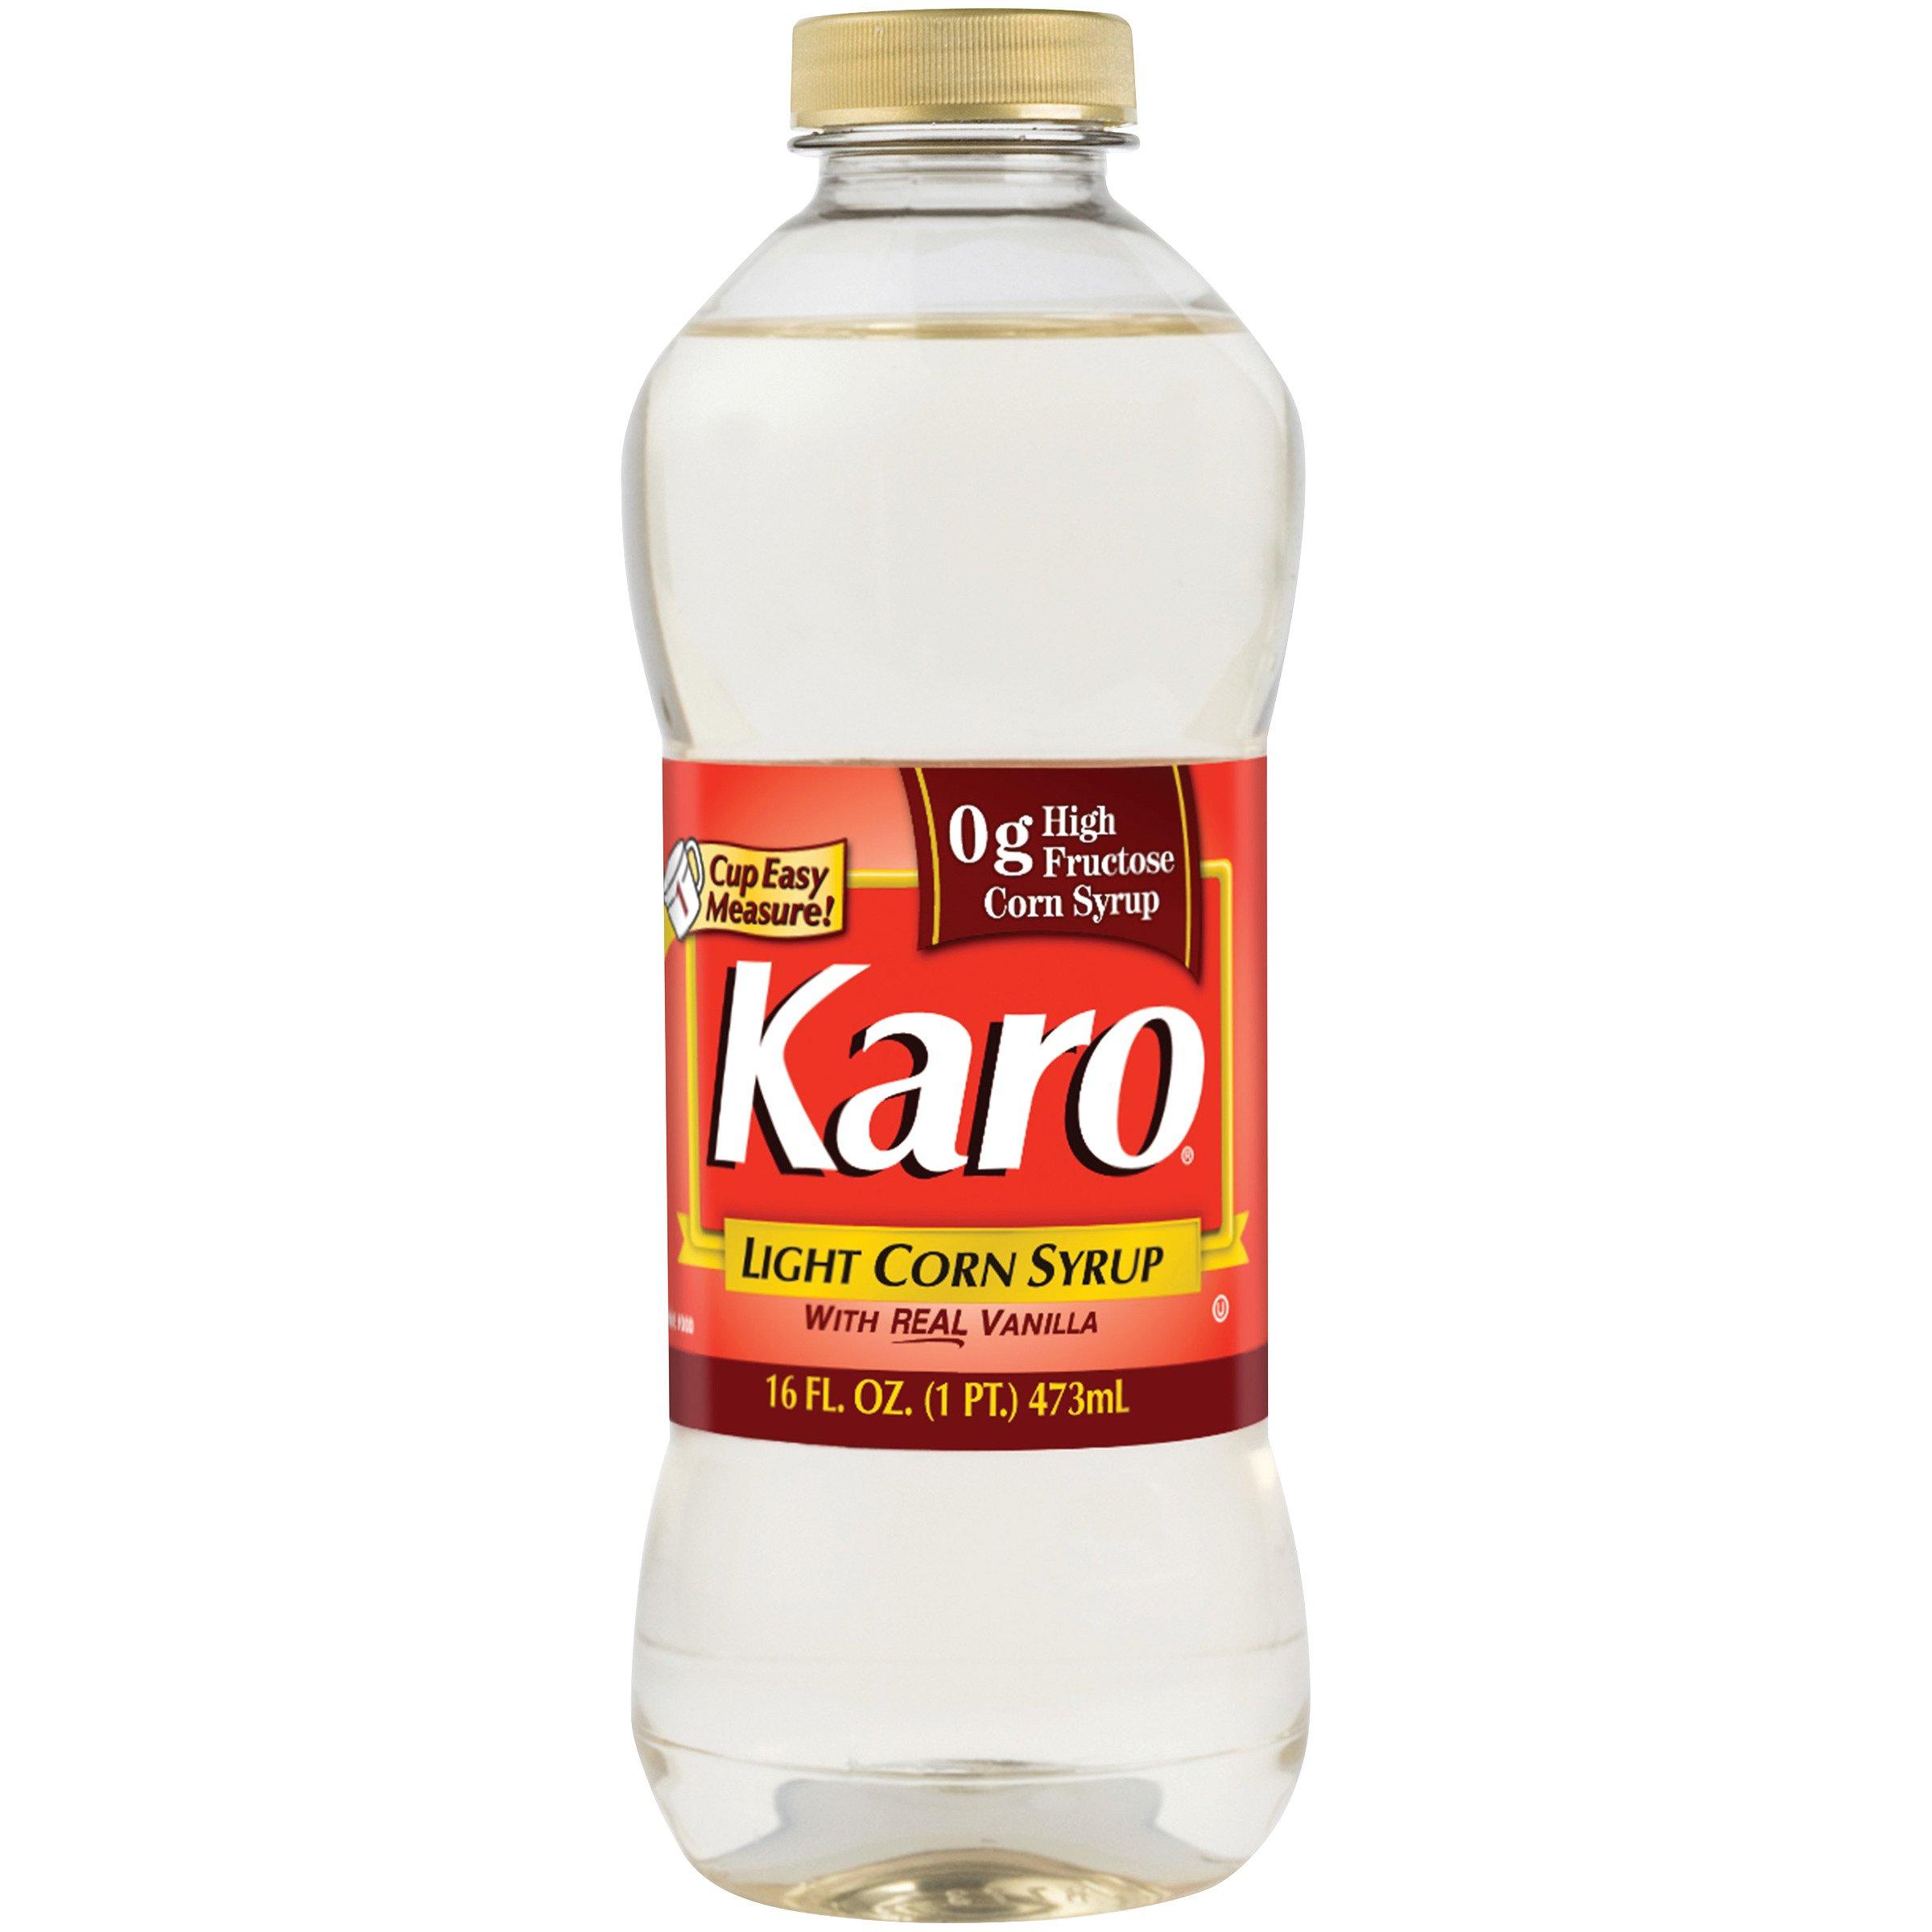 Karo Light Corn Syrup With Real Vanilla Shop Sugar At H E B